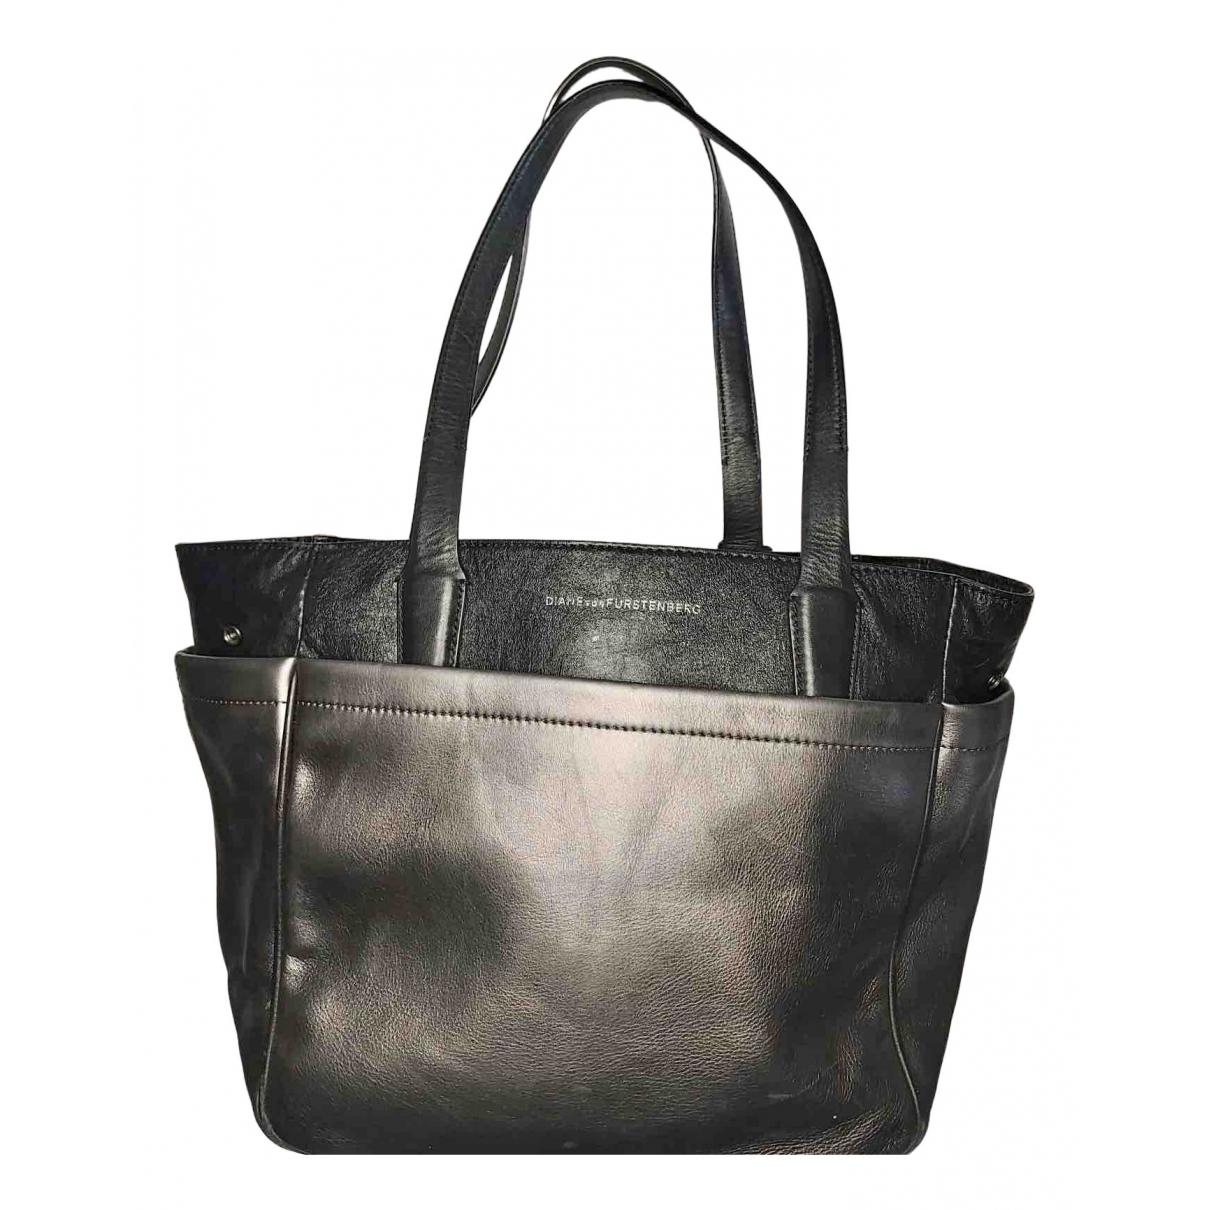 Diane Von Furstenberg N Silver Leather handbag for Women N